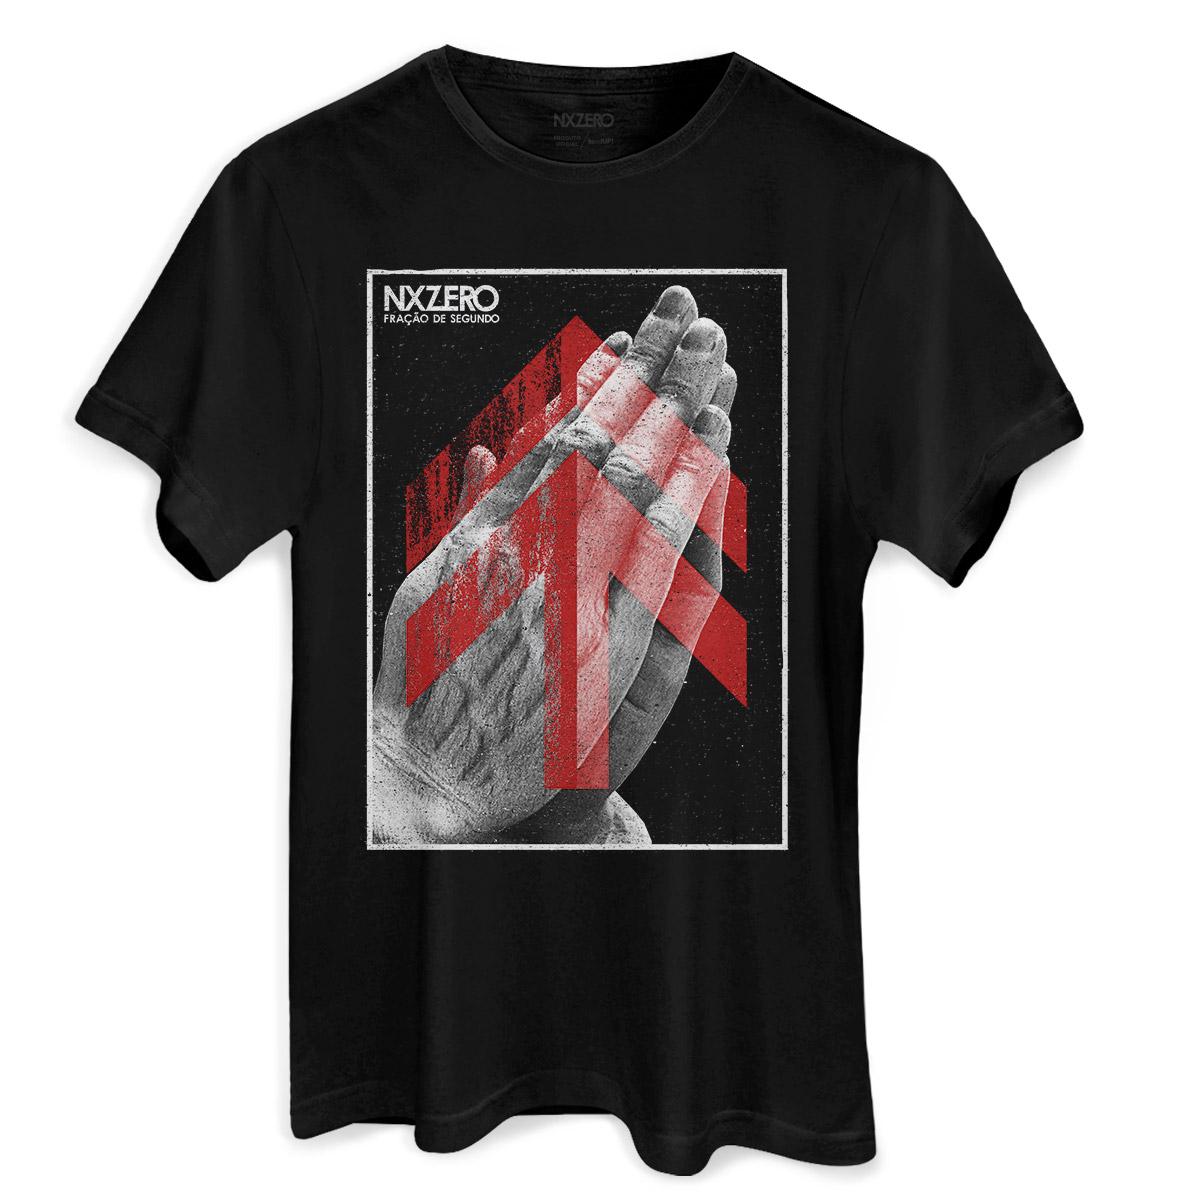 Camiseta Masculina NXZero Fração de Segundo